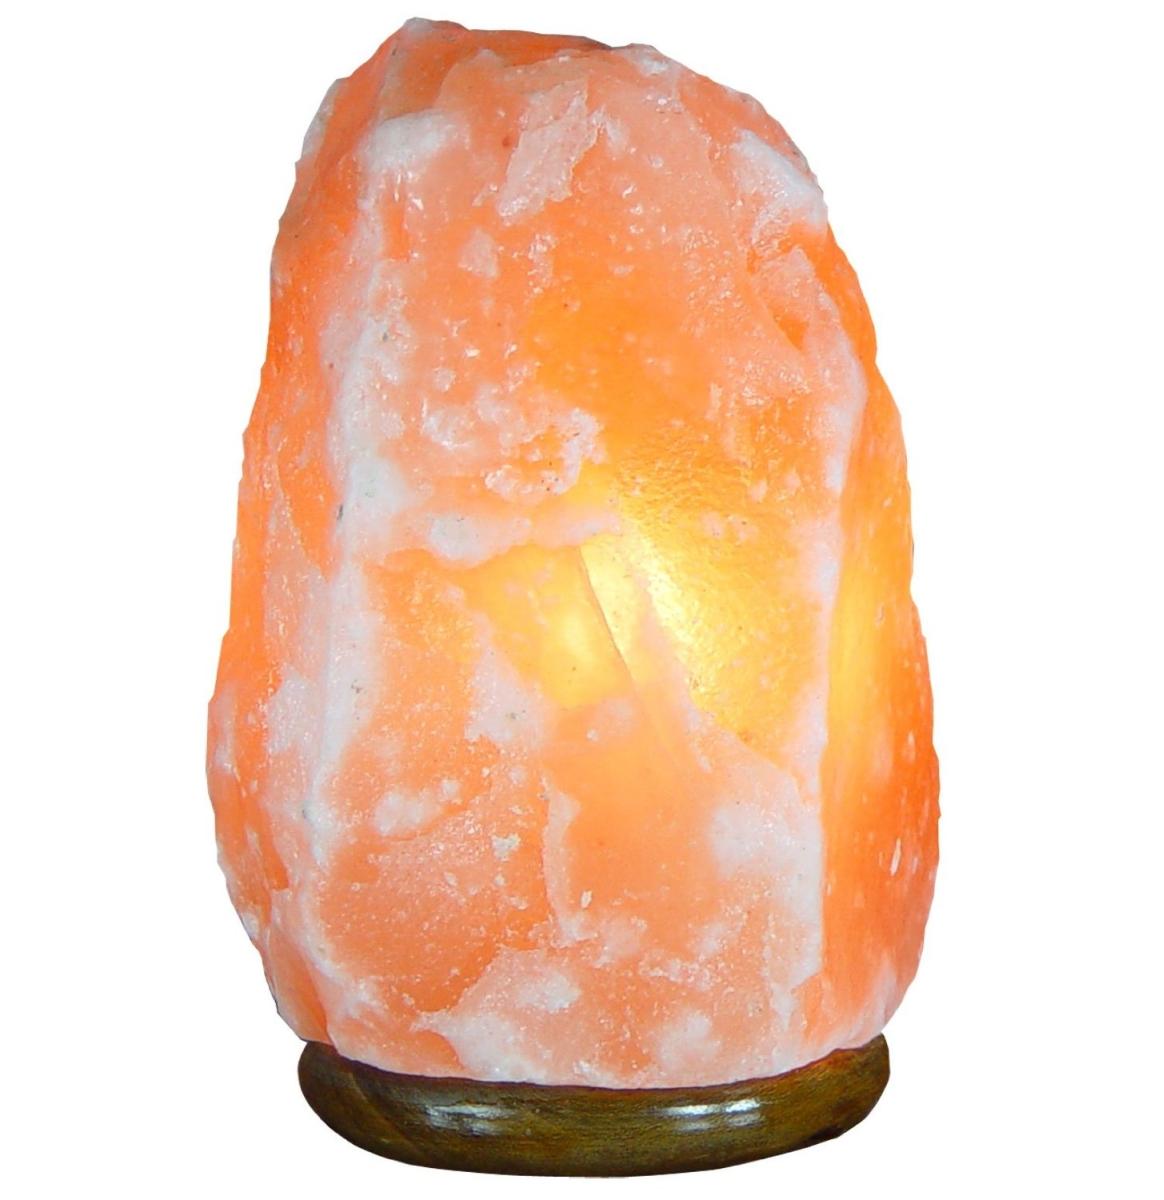 Соляная лампа Белоснежка, с плафоном из гималайской соли, 5-7 кгa030078Плафон соляной лампы изготавливается из целого куска соли, которая добывается ручным способом, затем раскалывается на части и из небольших кусков изготавливают соляные плафоны. Особенность соляных ламп - достаточно большой вес при компактных размерах, может быть установлена на столе, прикроватной тумбочке или на полу. Лампа может создавать уютную атмосферу в вашем доме и станет прекрасным дополнением интерьера. Лампа проста в обращении и не требует специального ухода. Устанавливайте лампу в сухом проветриваемом помещении и время от времени с помощью сухой мягкой салфетки снимайте пыль с её поверхности. Вес: 5-7 кг. Высота: 25-30 см. Ширина: около 15-18 см (в основании). Плафоны изготавливается из кусков гималайской соли ручным способом, поэтому размеры и вес могут варьироваться.